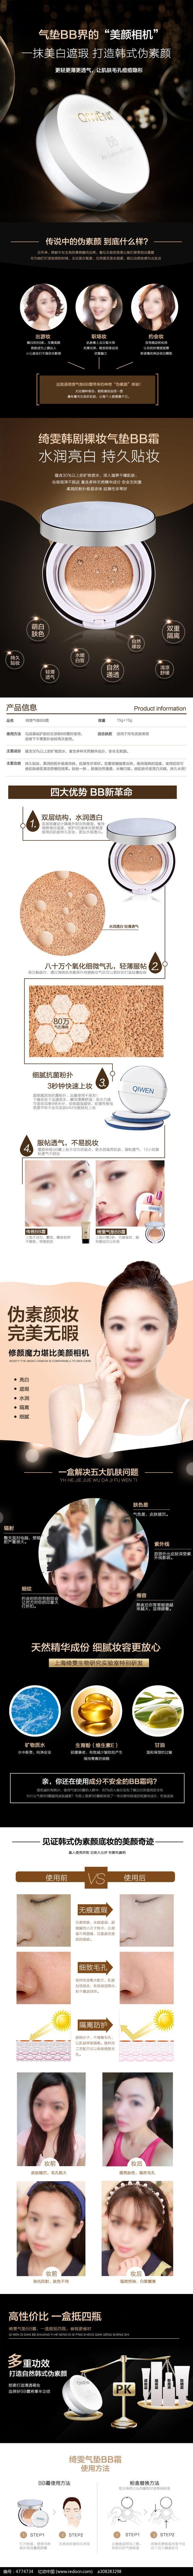 淘宝化妆品美容护肤气垫BB霜详情页模版图片